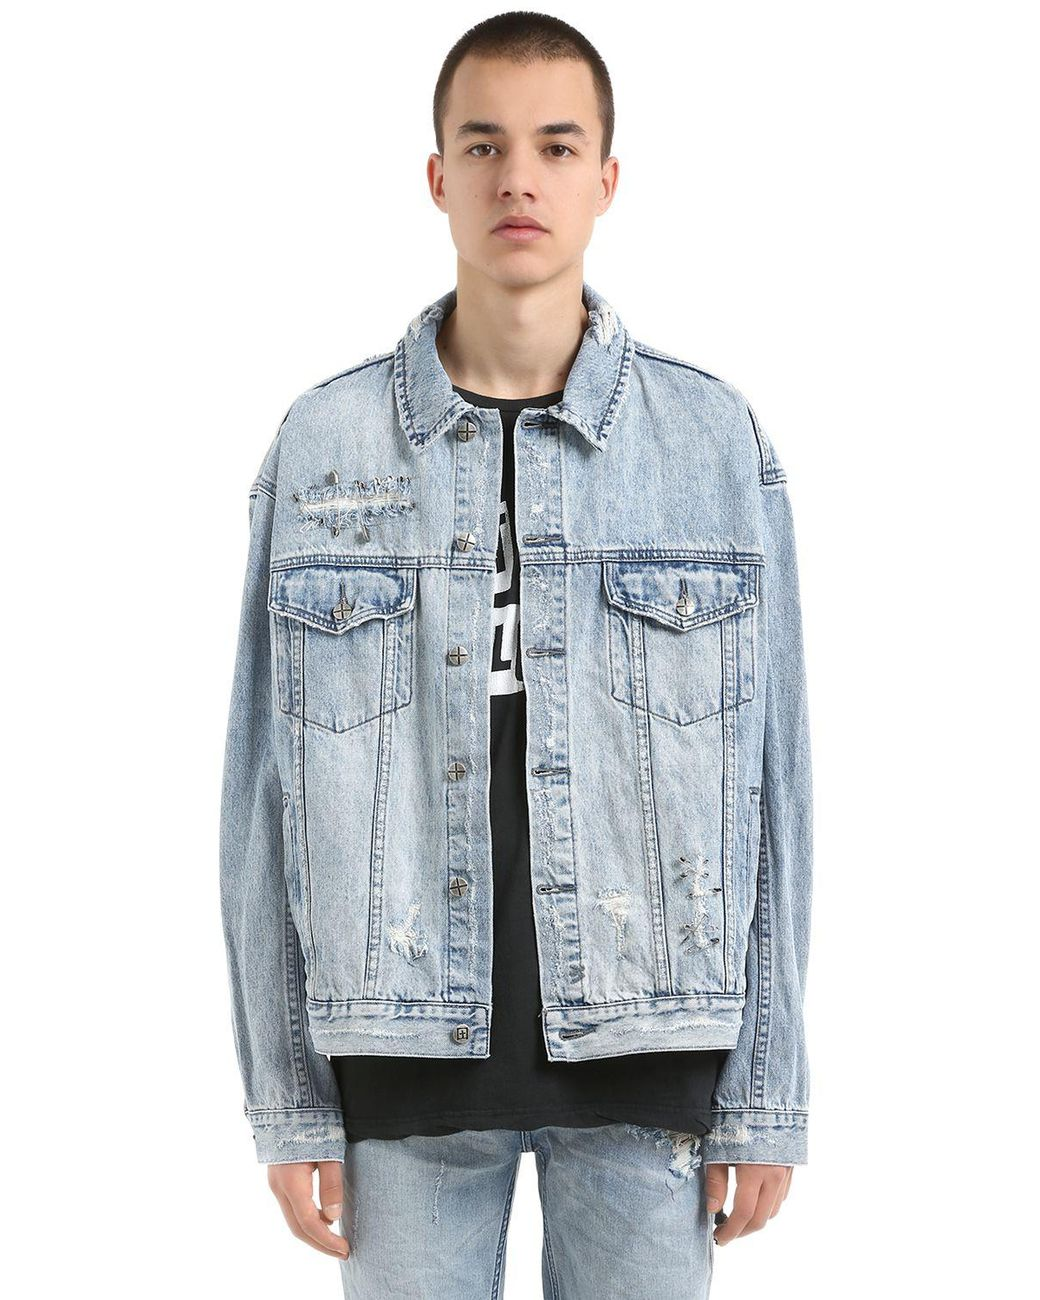 95bd0d6cd7 Ksubi Oh G Punk Pin Cotton Denim Jacket in Blue for Men - Lyst